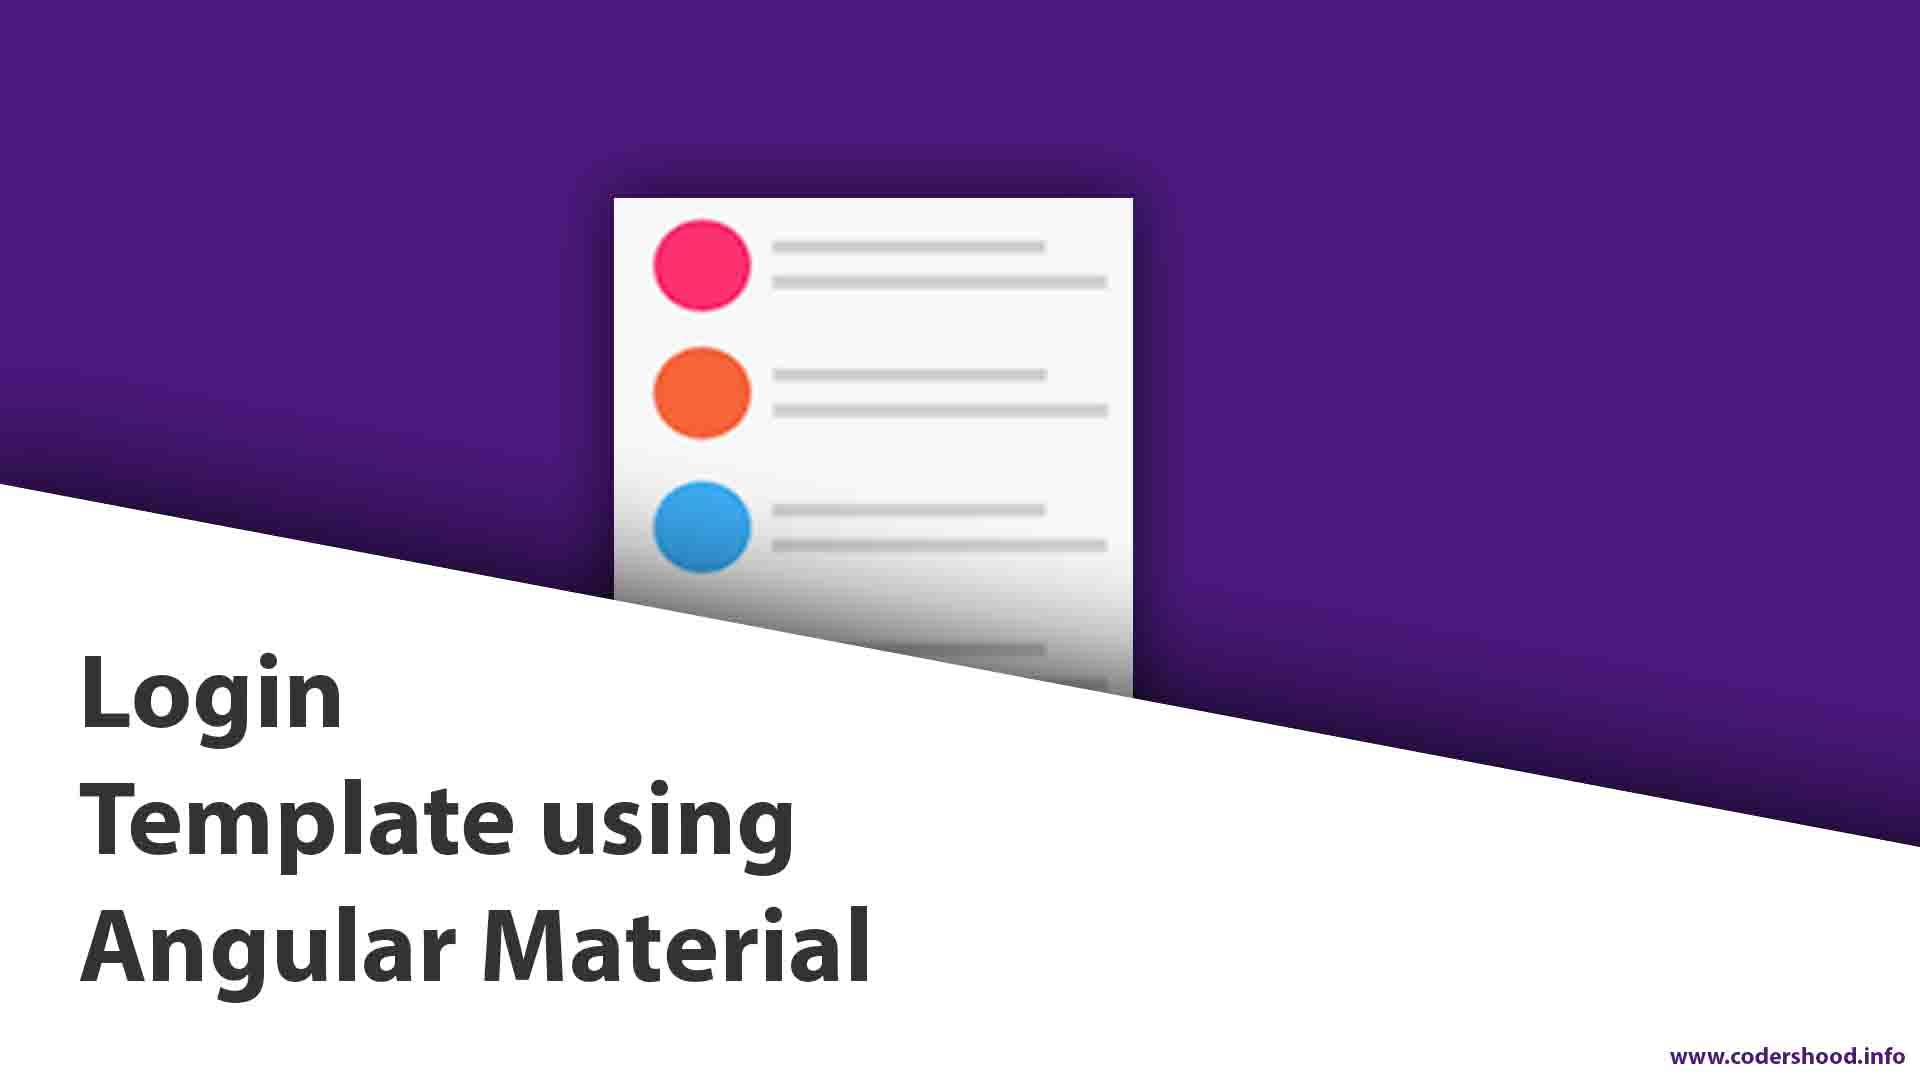 Login template using Angular Material - CodersHood